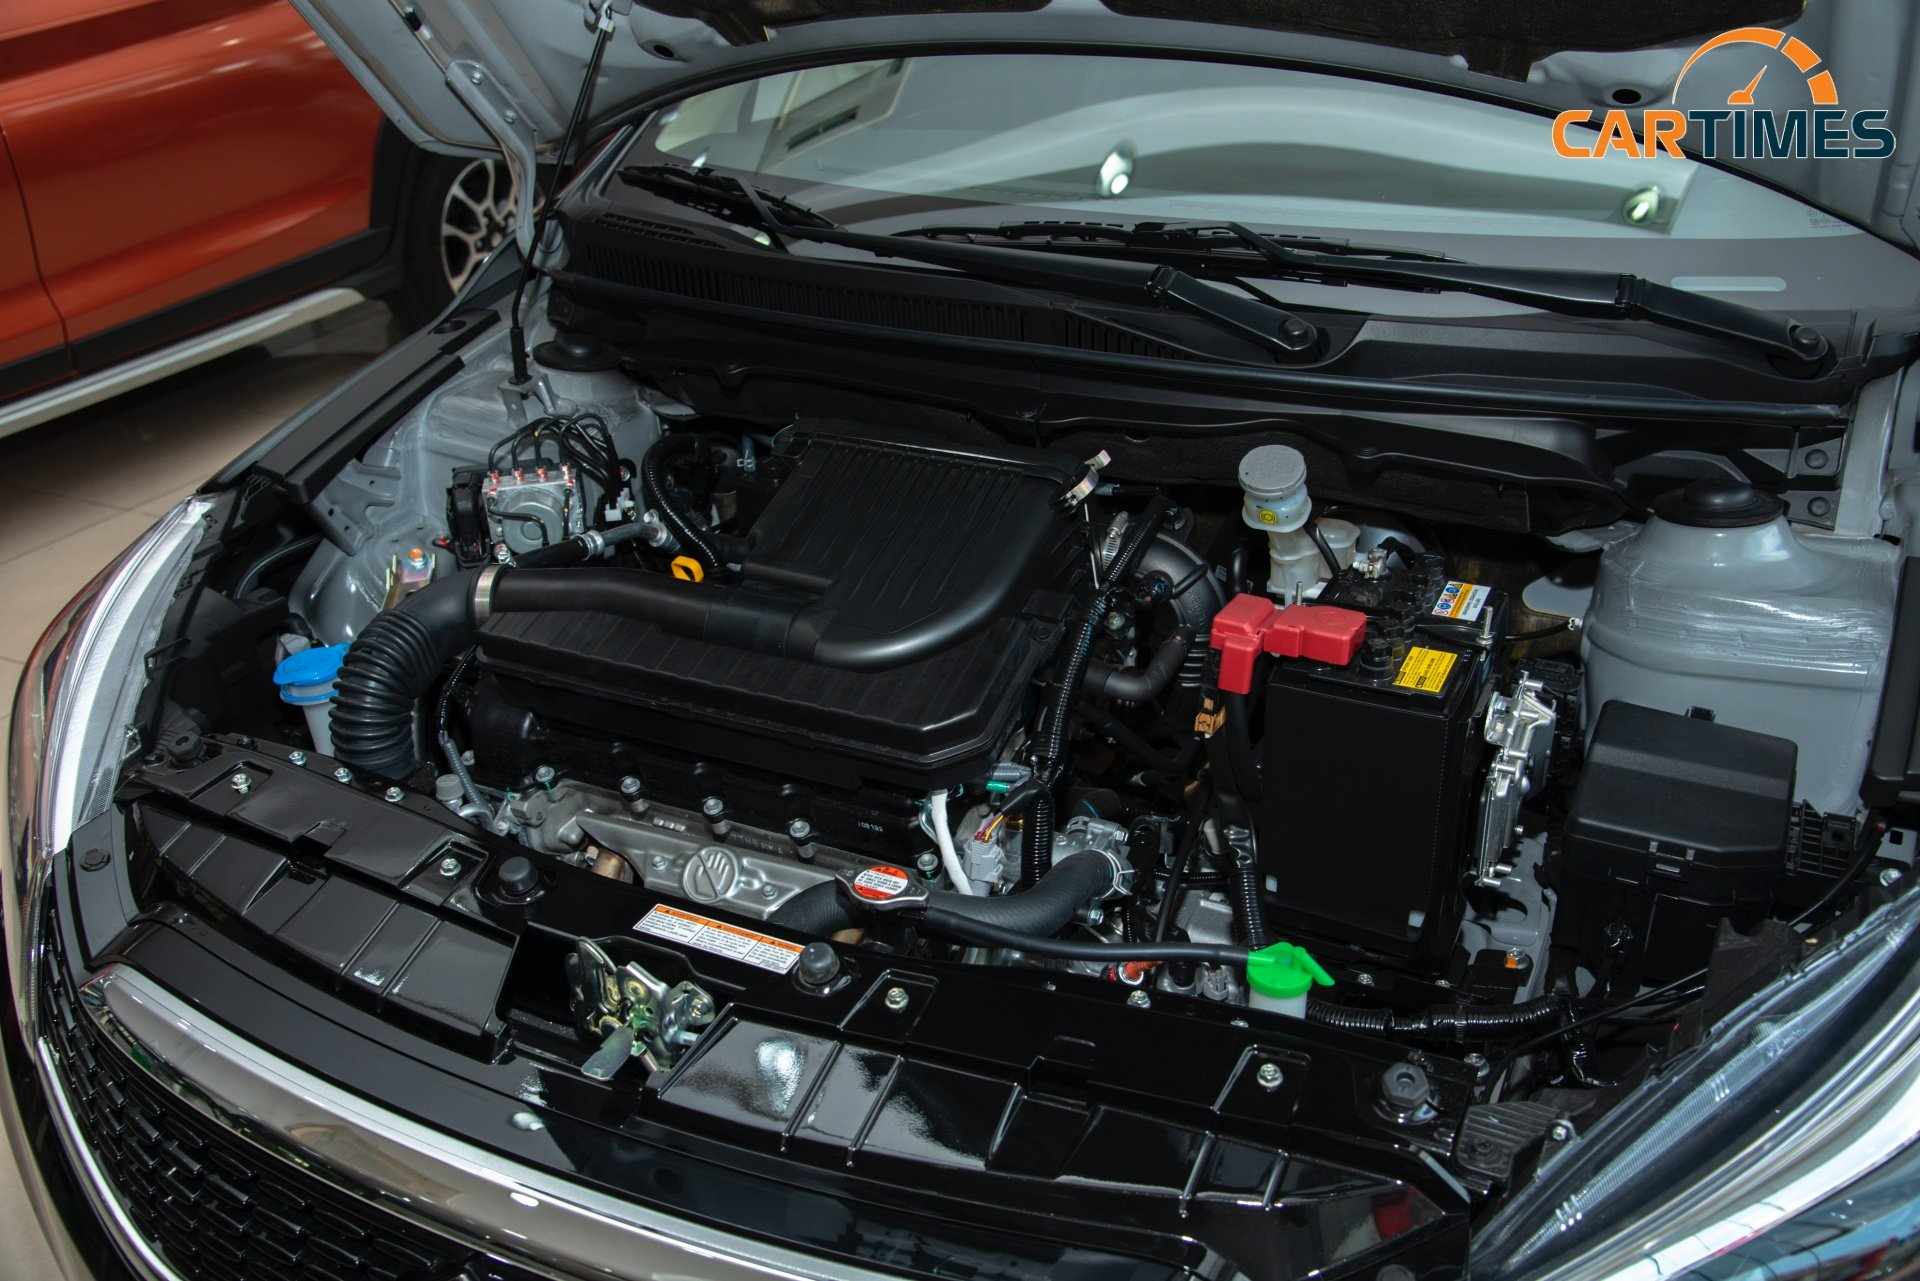 Chi tiết xe Suzuki Ciaz 2020 tại đại lý: Nâng cấp ngoại thất, tích hợp sẵn camera hành trình -15